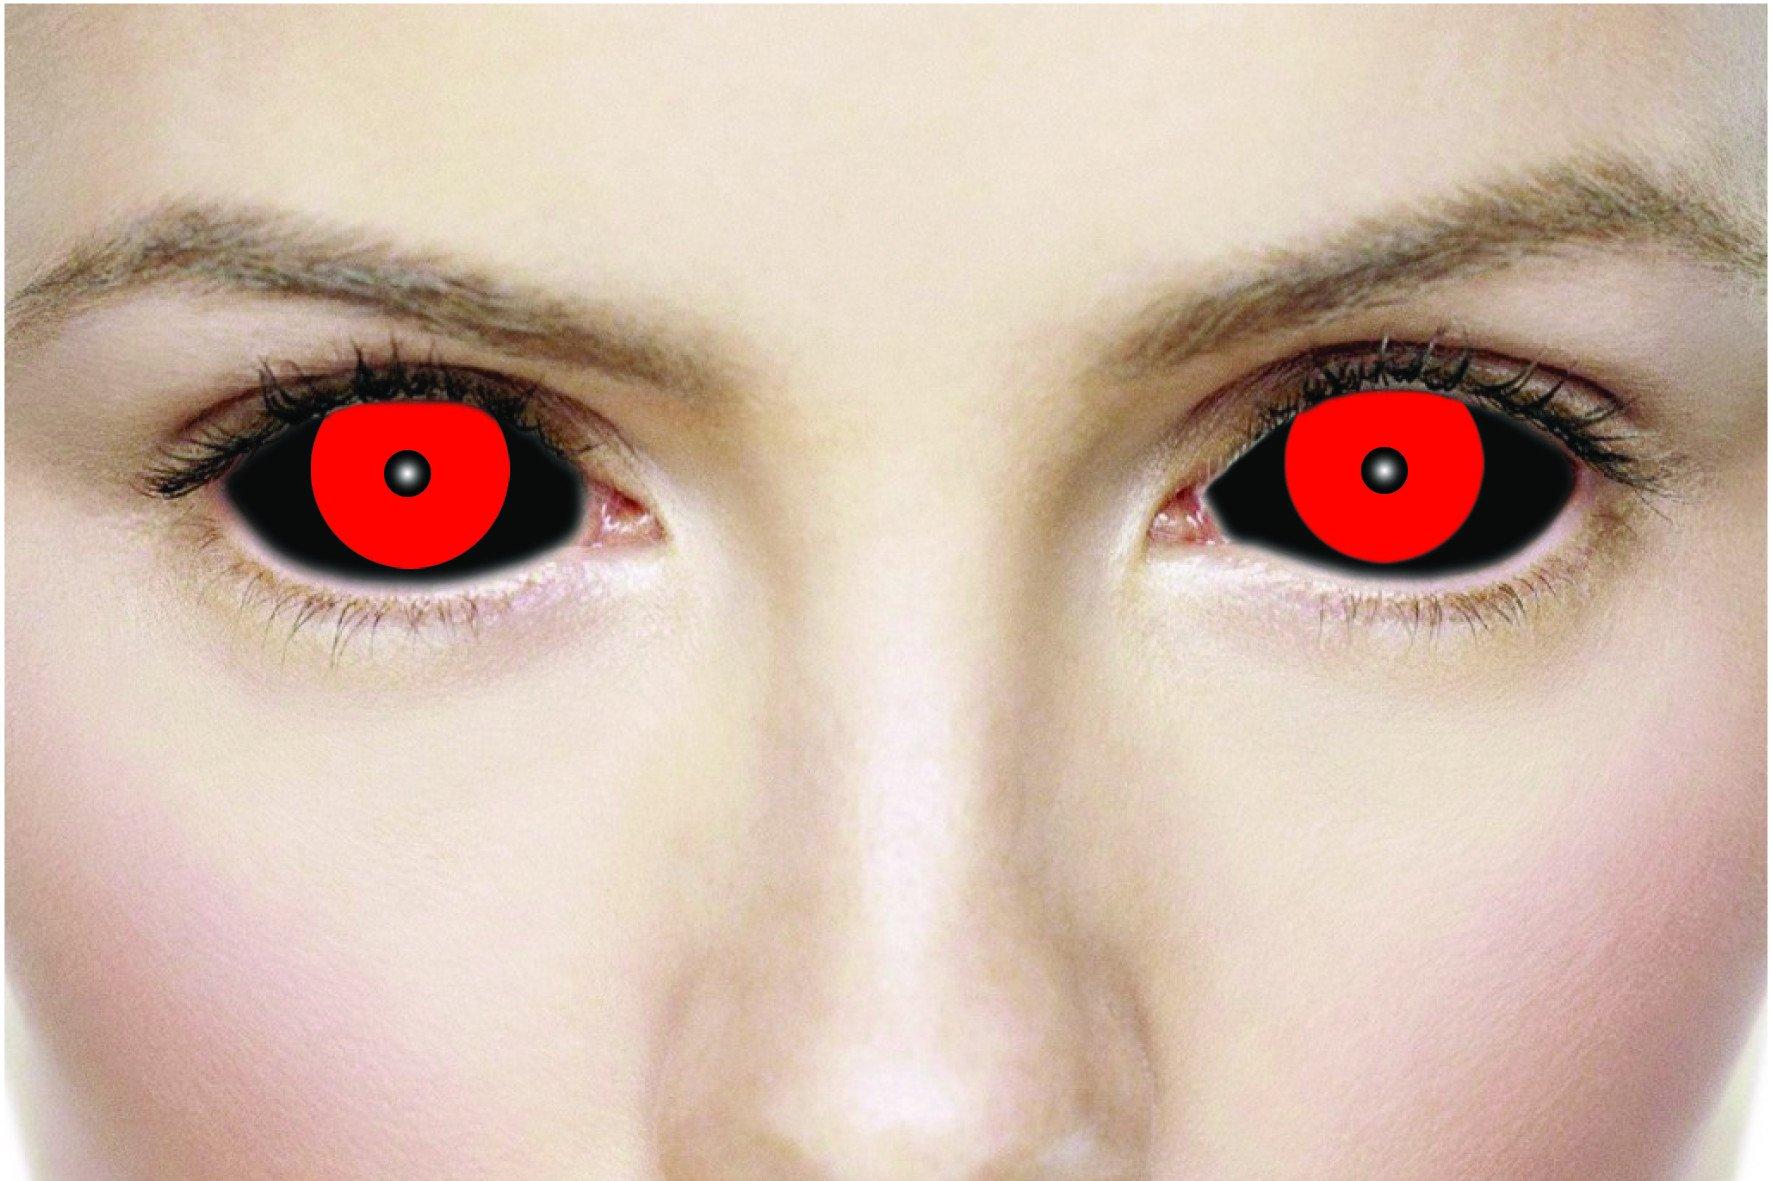 фото глаза с красными зрачками тем, она упускает